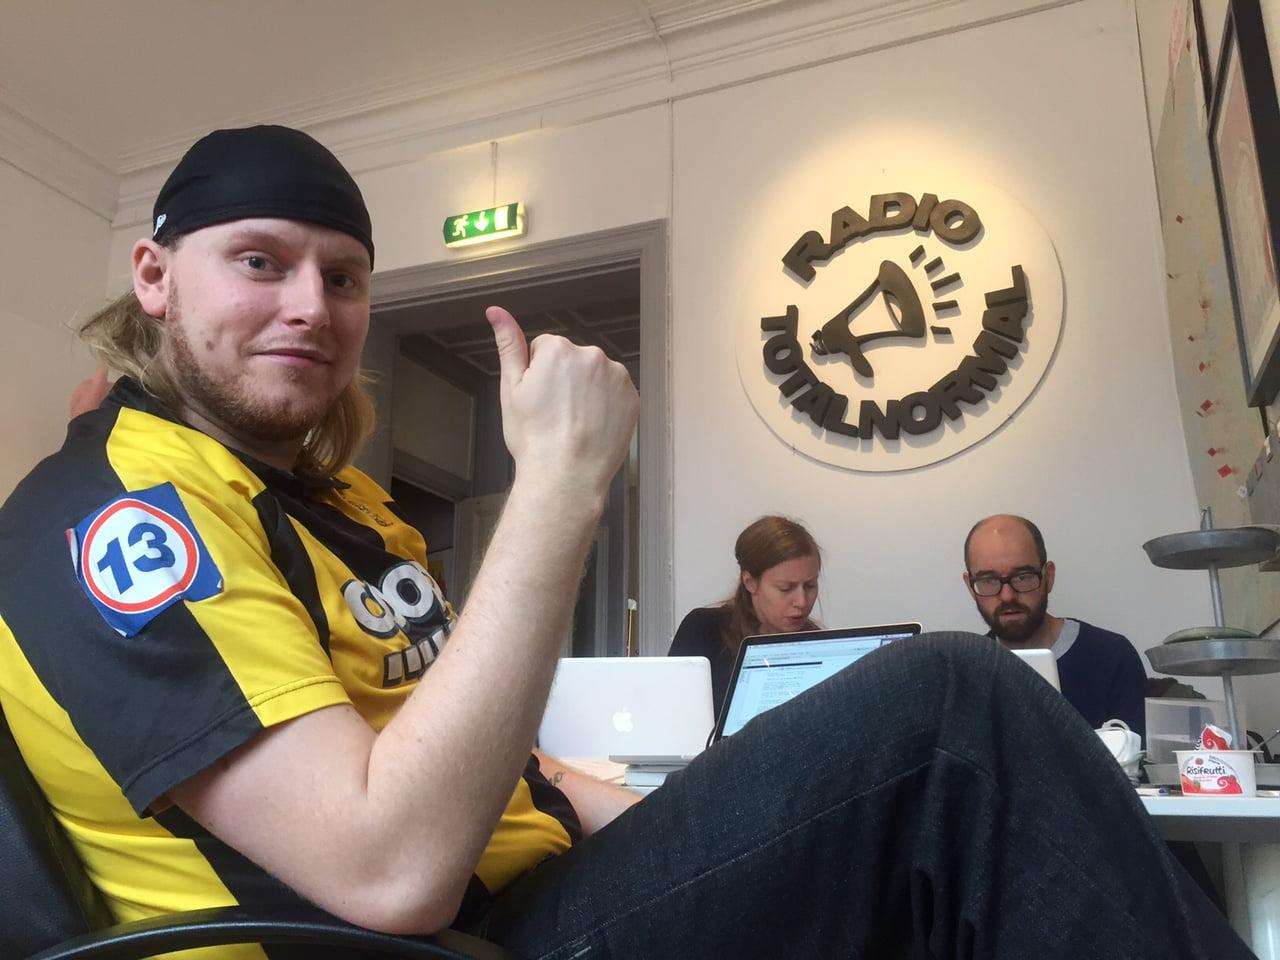 Svenska Spel gästar Radio Totalnormal, idag på Götgatan 38!